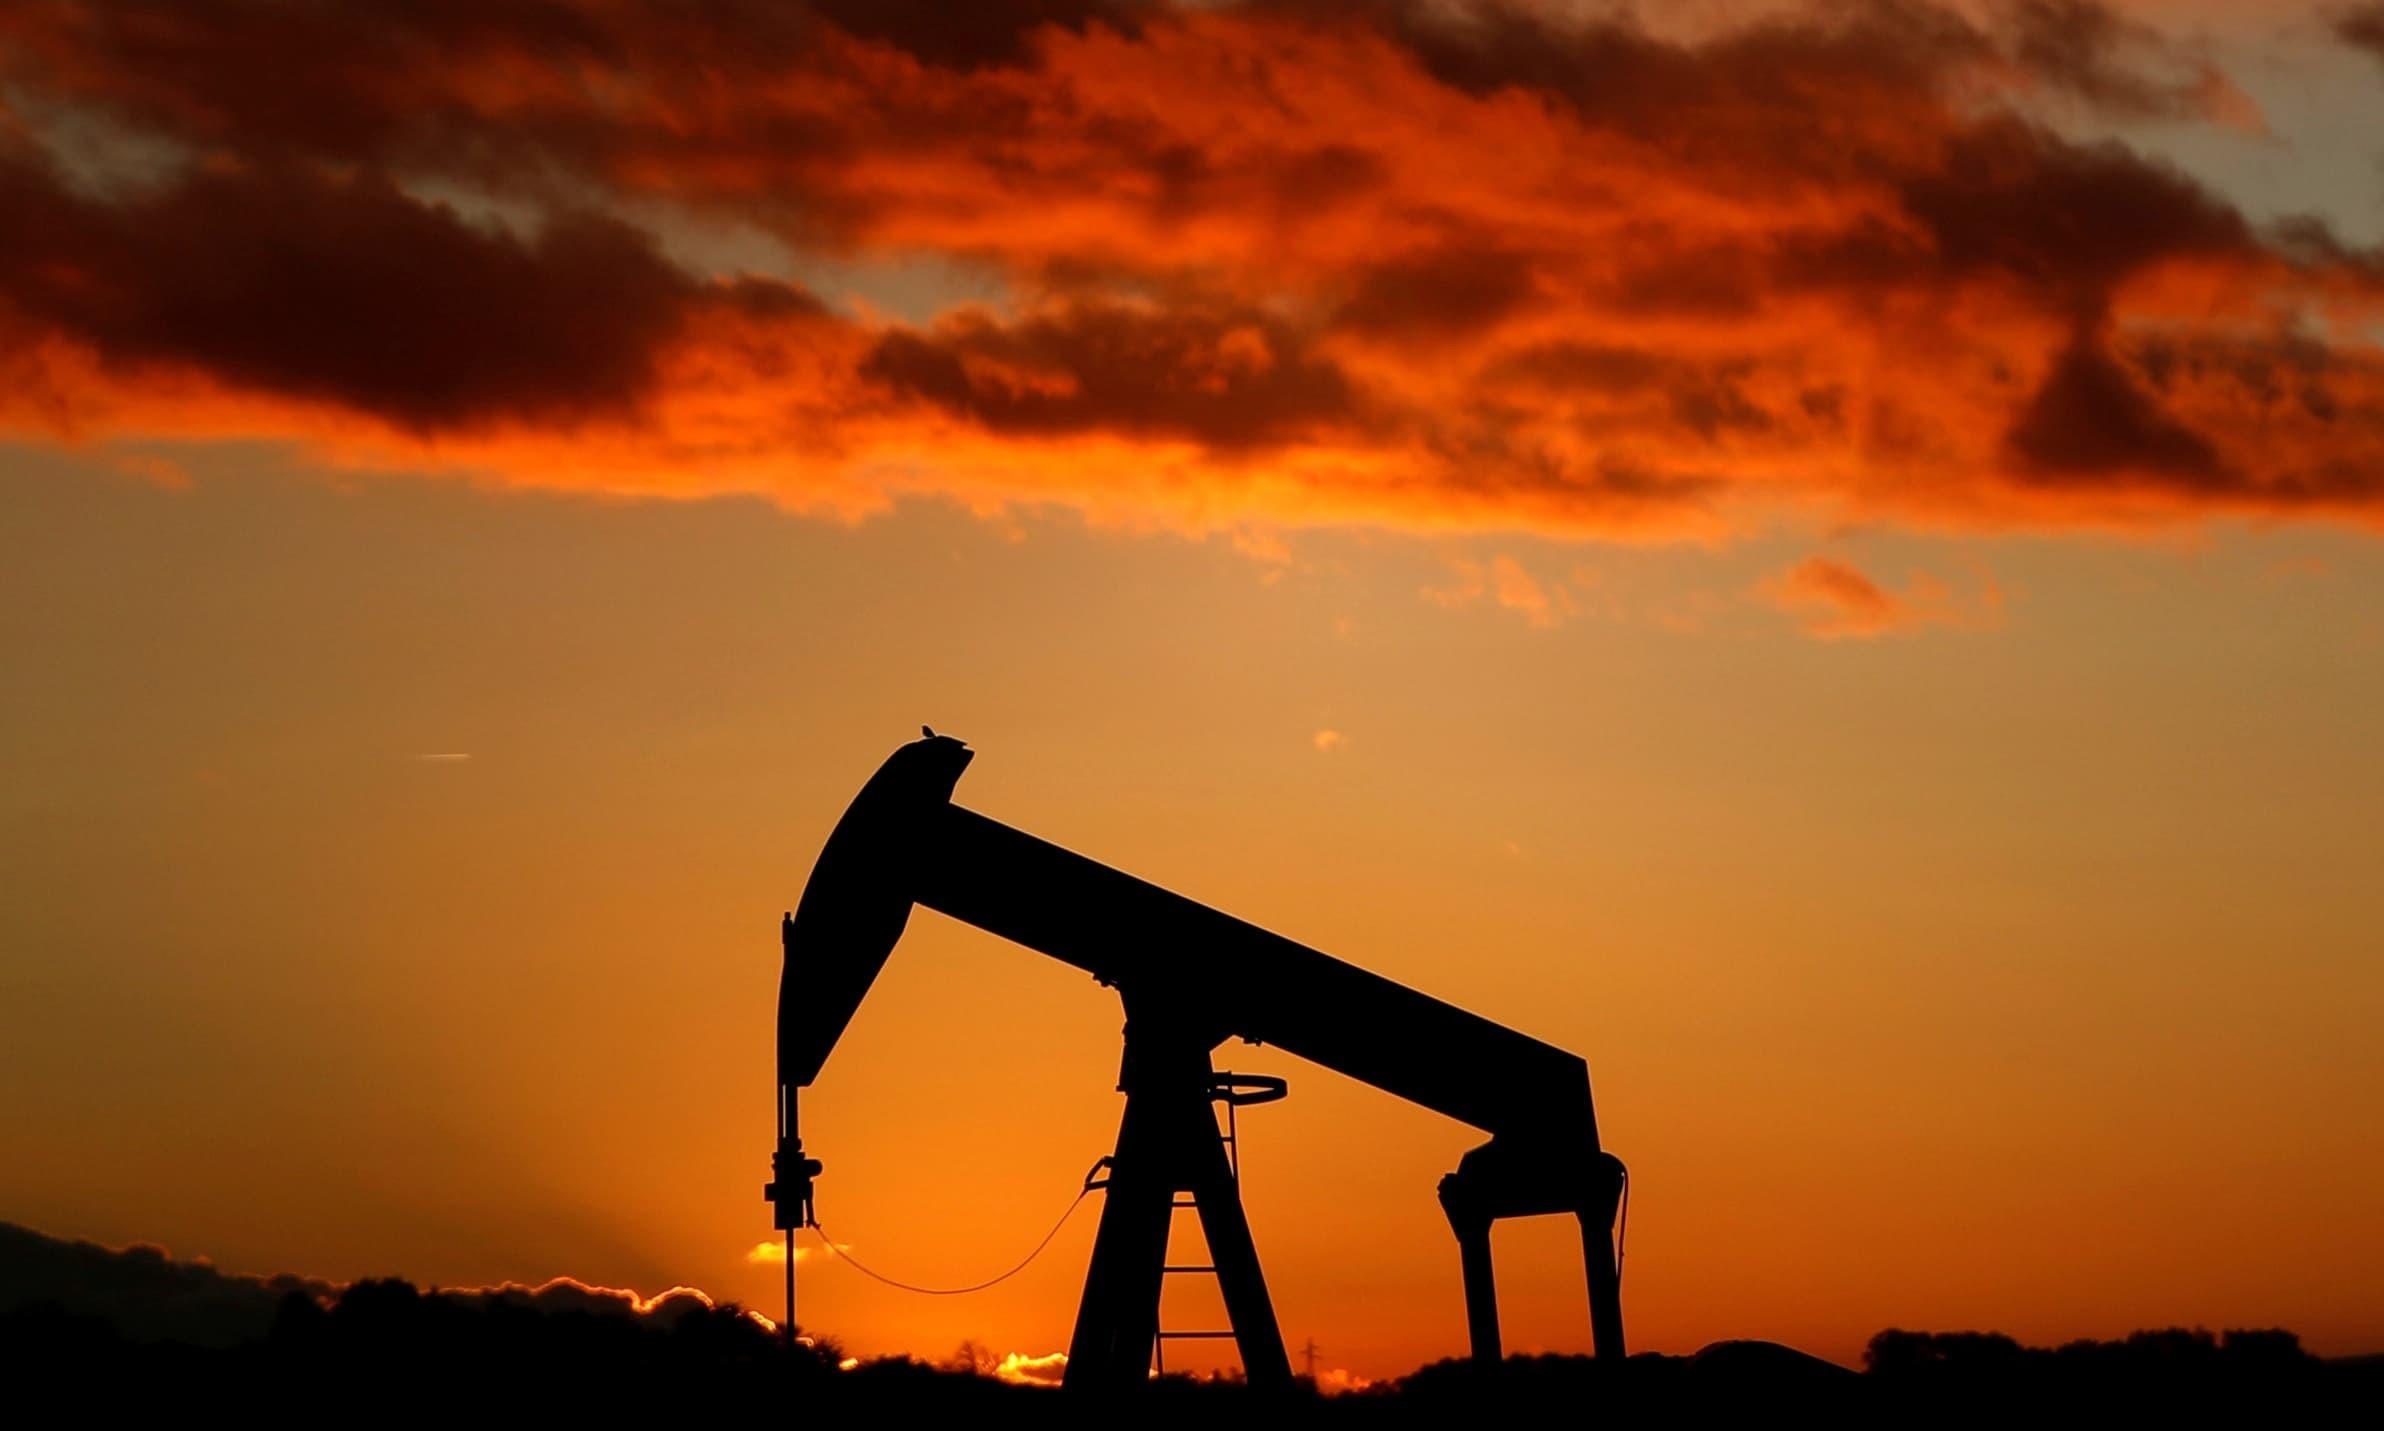 سعودی عرب سے سالانہ ڈیڑھ ارب ڈالر مالیت کے تیل کی سہولت دستیاب ہوگئی، حکومت